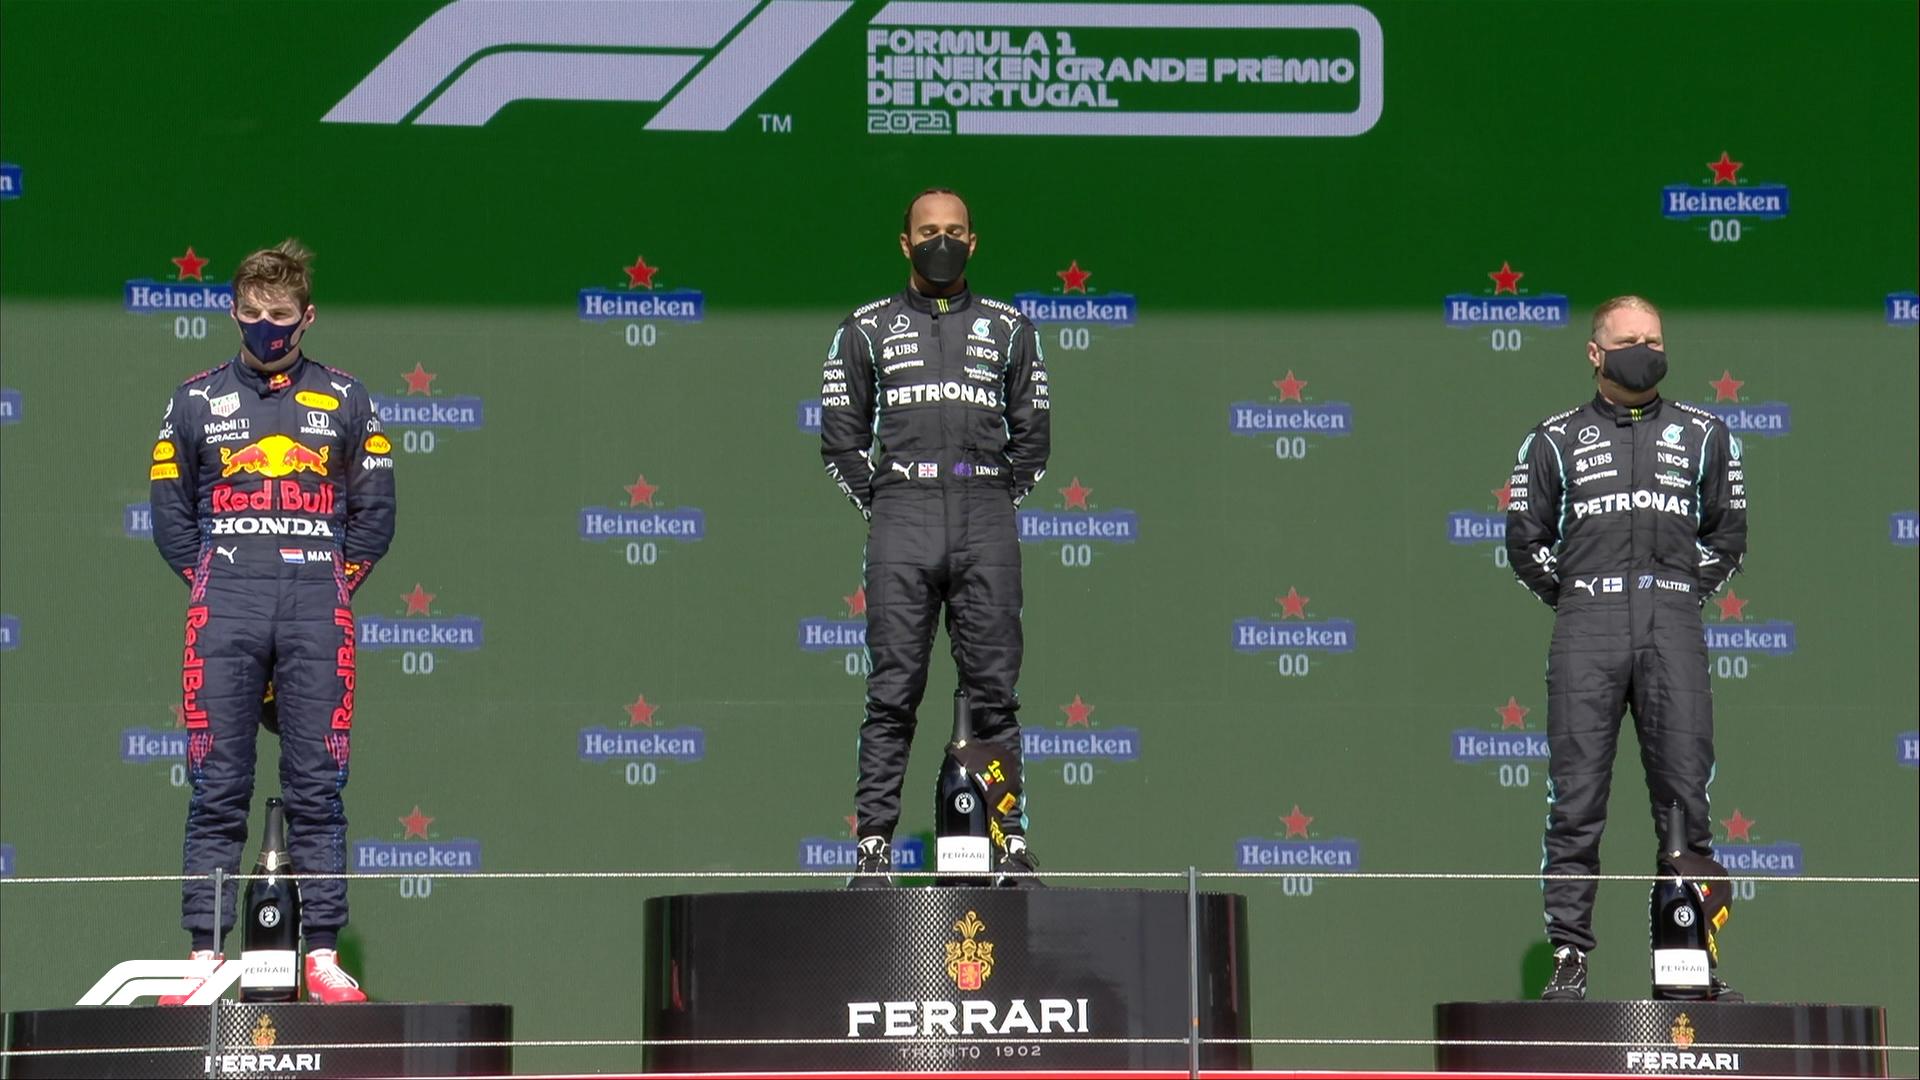 Pódio do GP de Portugal